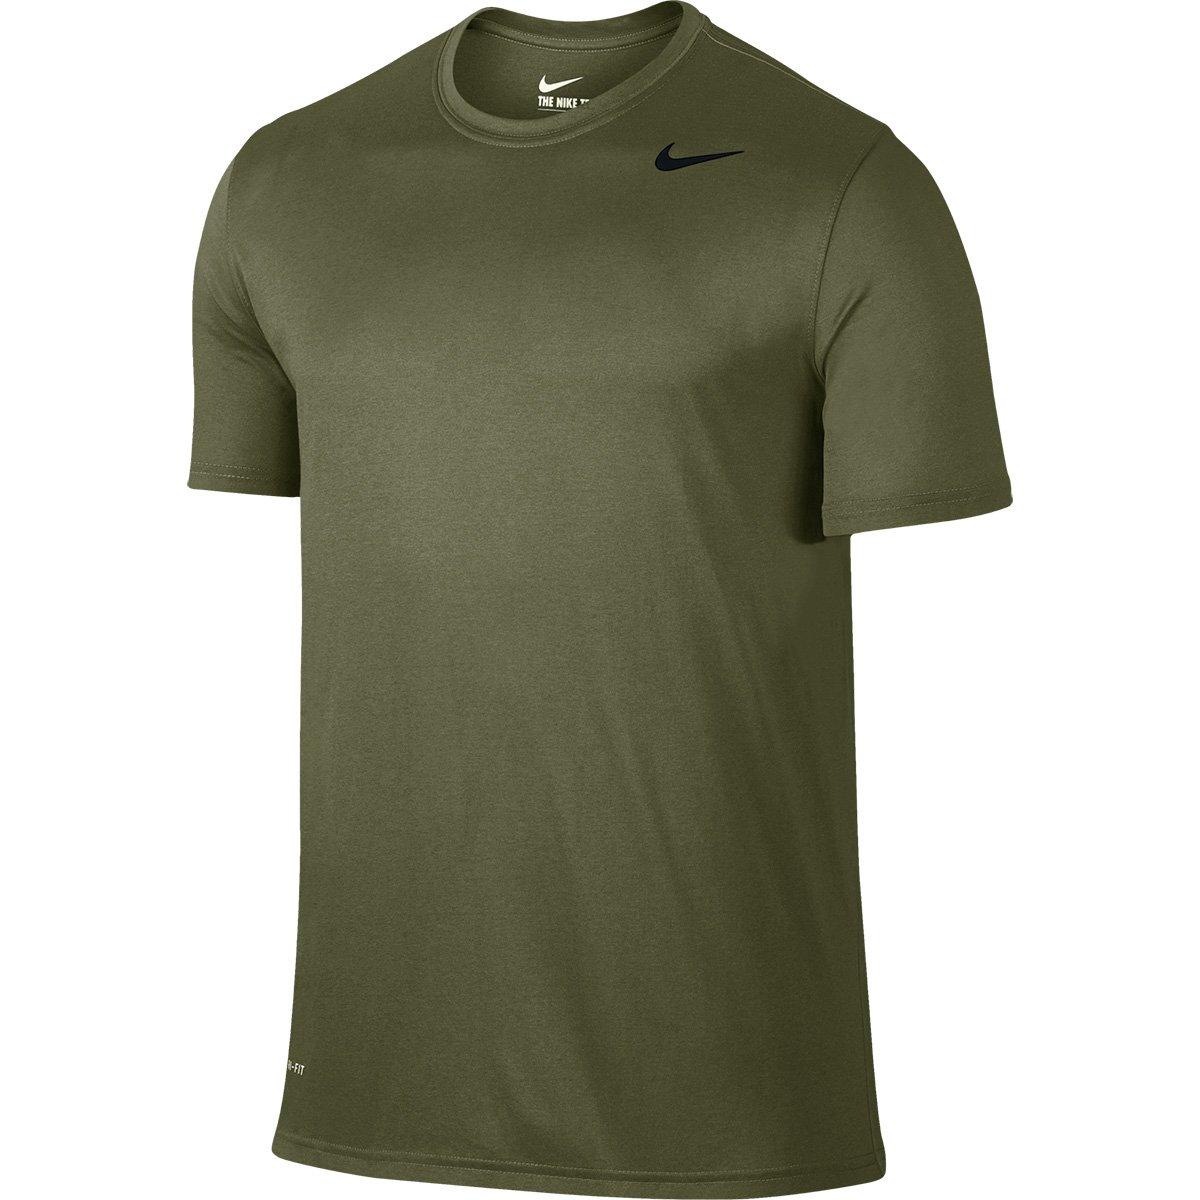 fefd92a38b Camiseta Nike Legend 2.0 Ss Masculina - Verde - Compre Agora